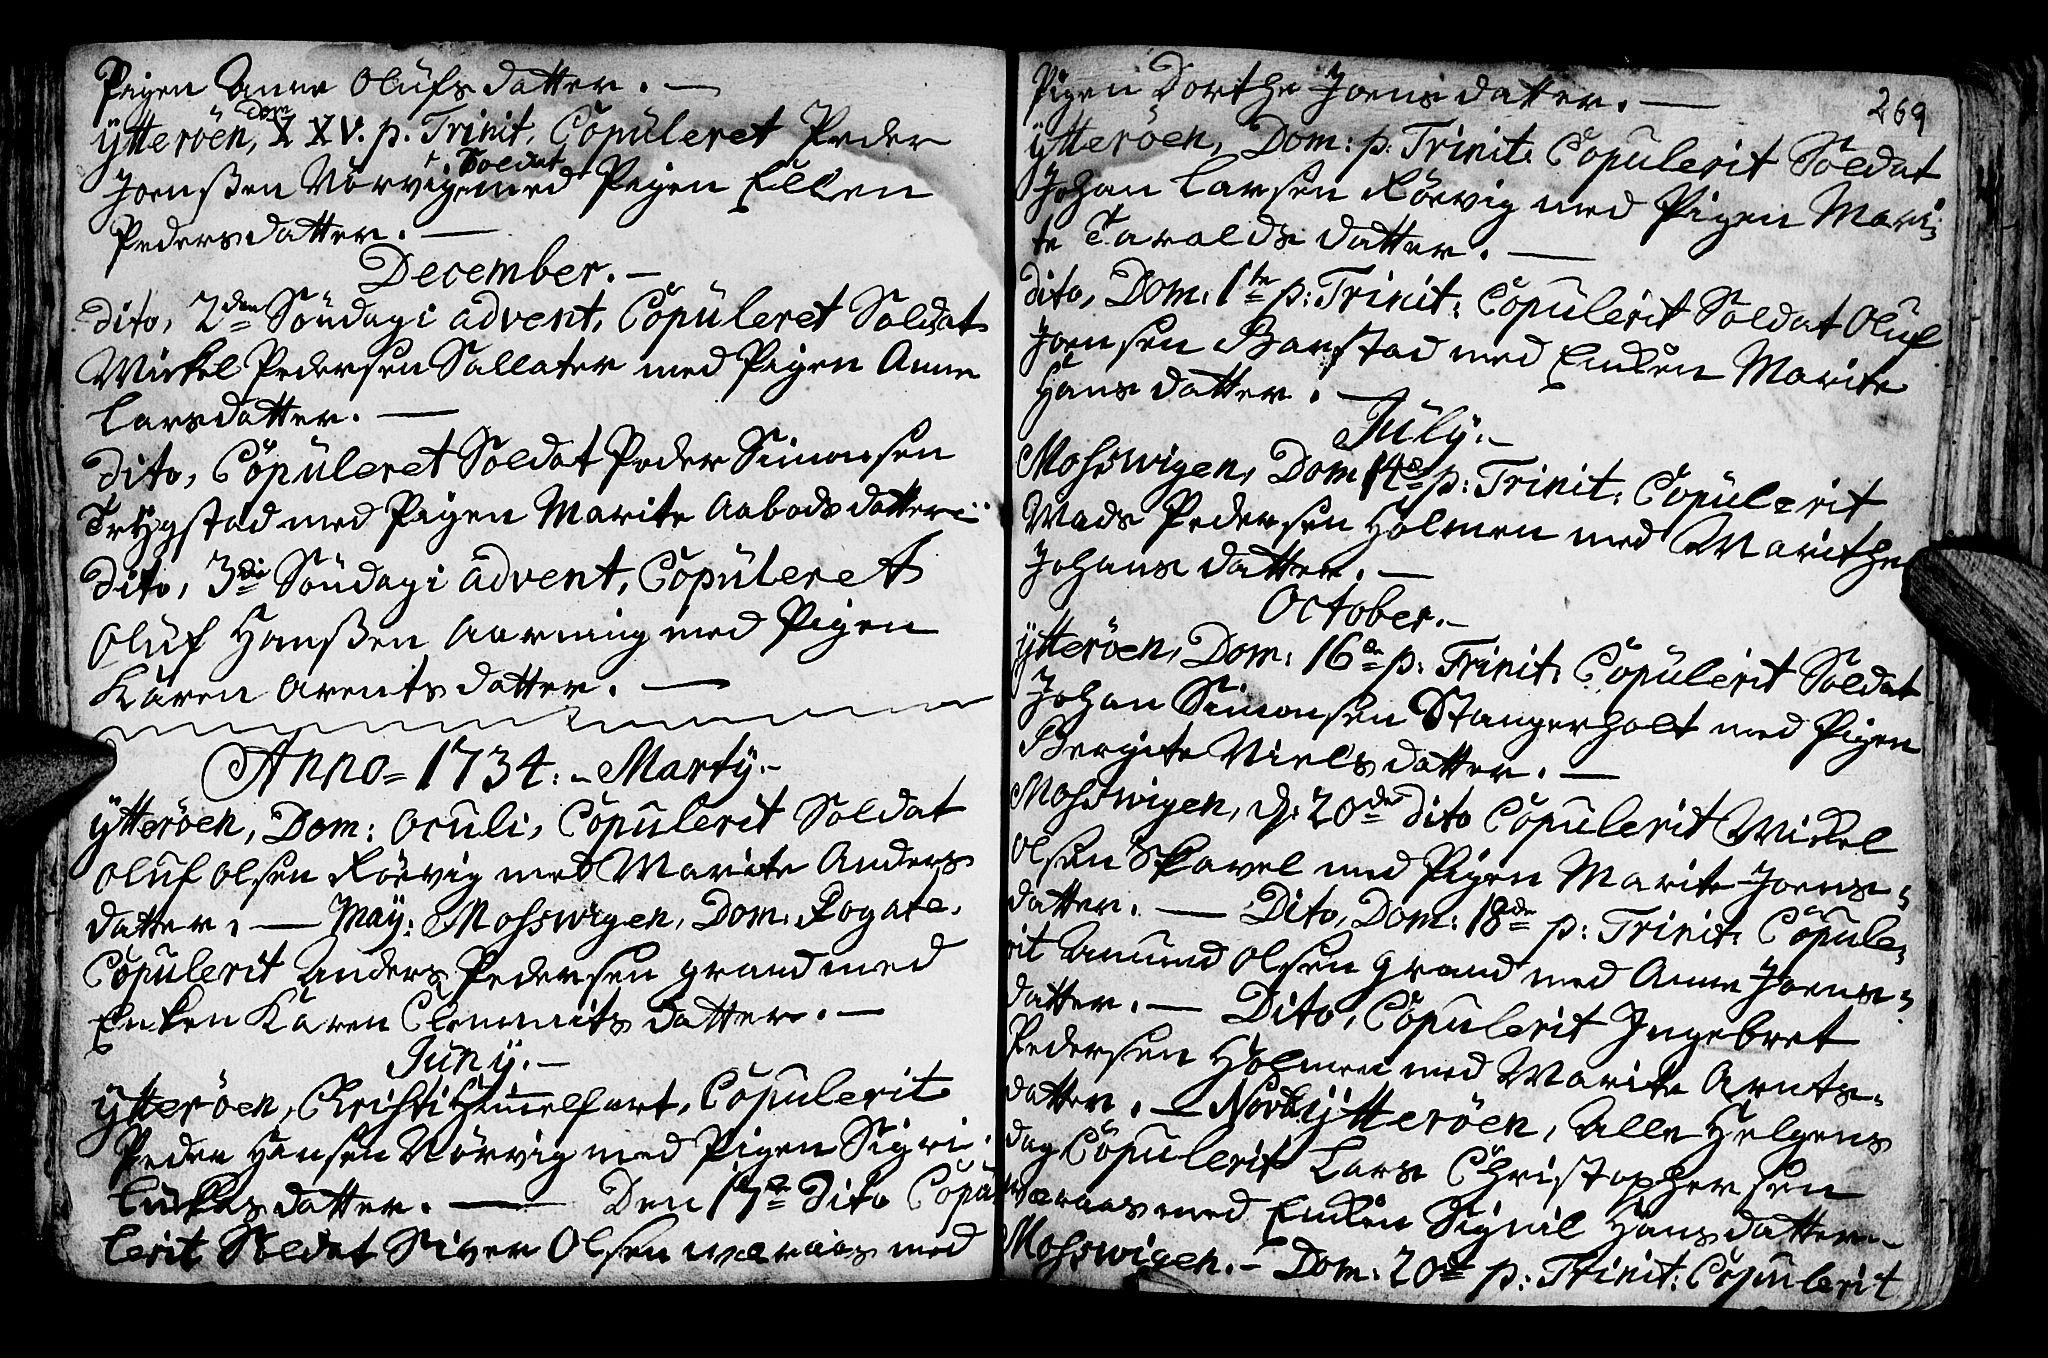 SAT, Ministerialprotokoller, klokkerbøker og fødselsregistre - Nord-Trøndelag, 722/L0215: Ministerialbok nr. 722A02, 1718-1755, s. 269